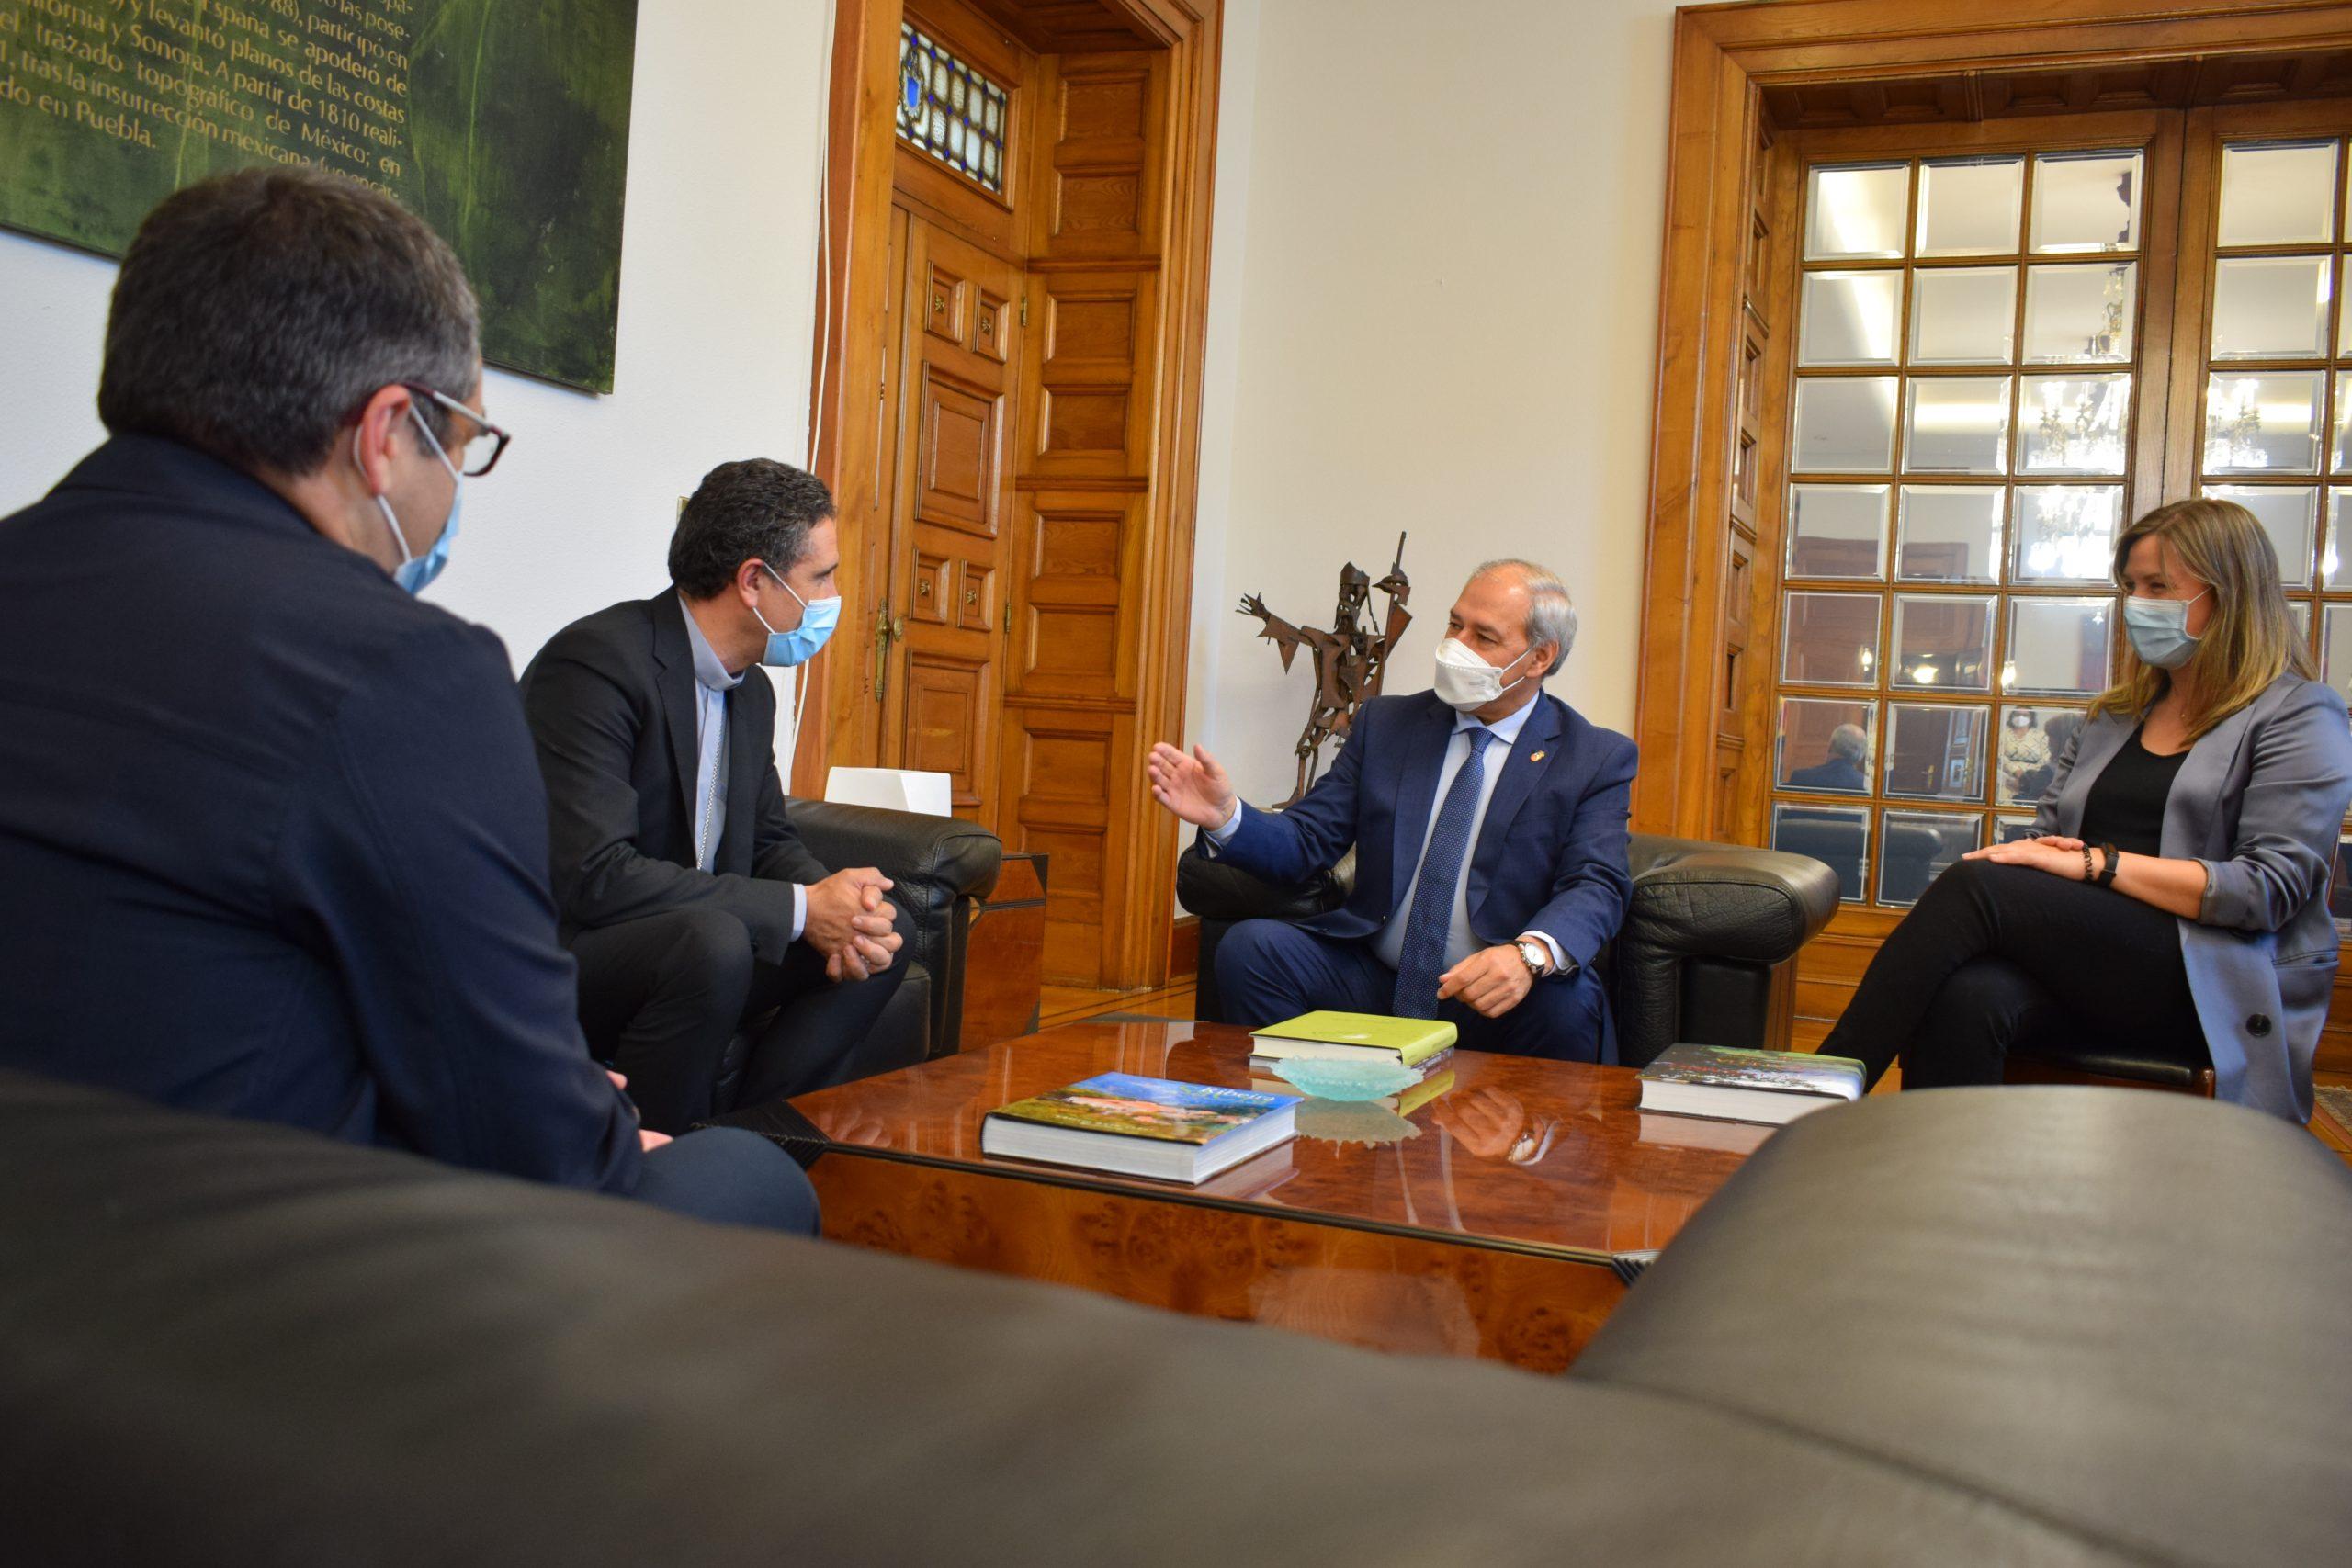 A Deputación aporta 50.000€ para a conservación de patrimonio histórico artístico da Diocese de Mondoñedo-Ferrol